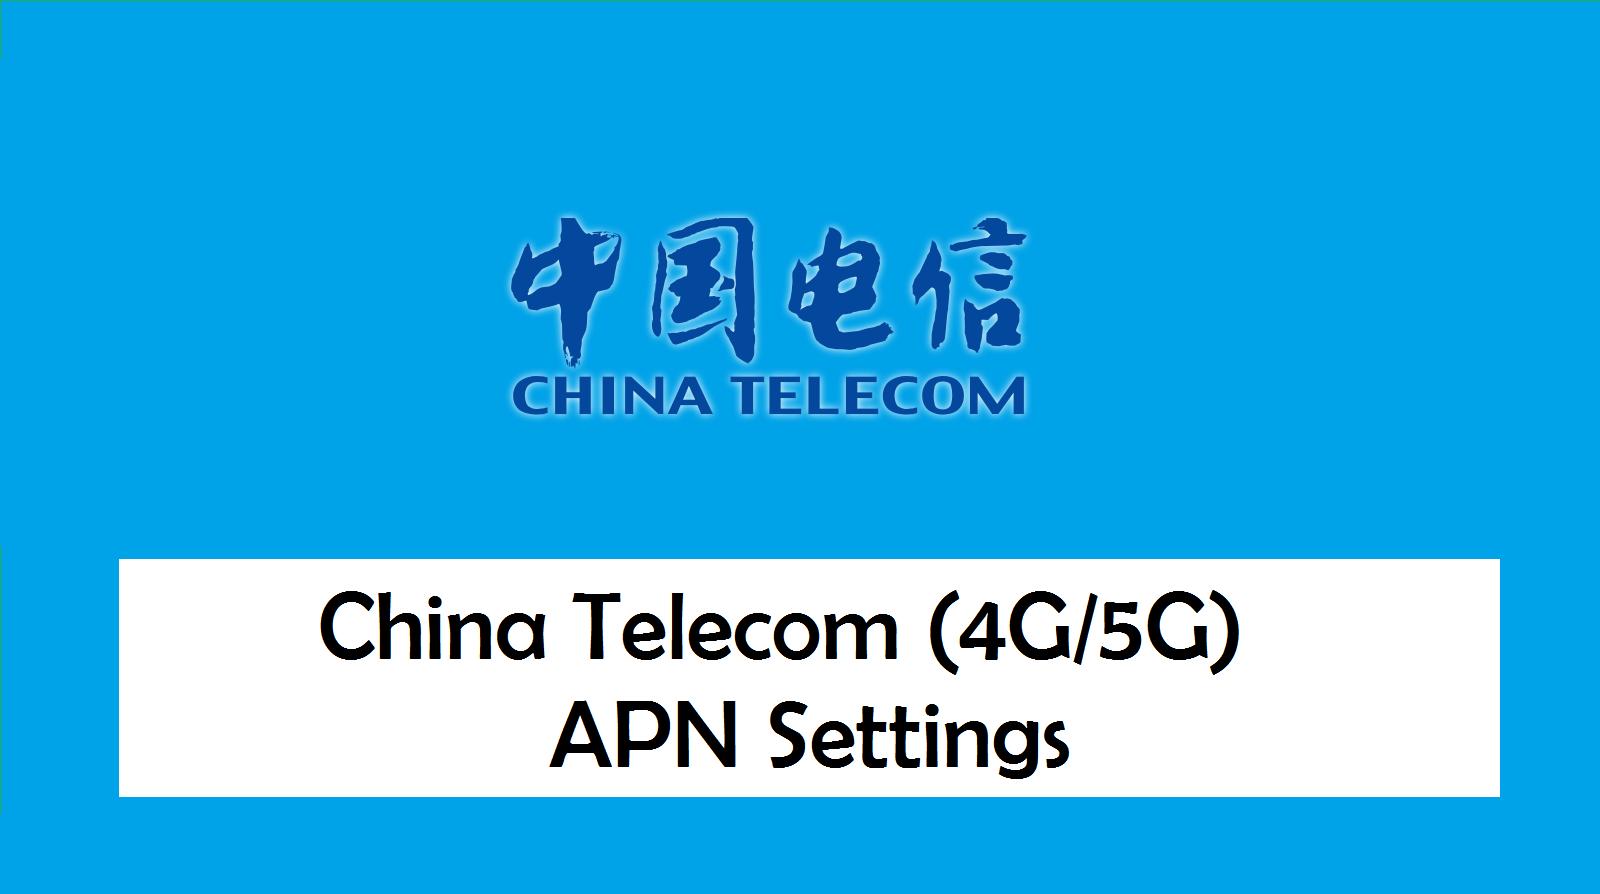 China Telecom APN Settings